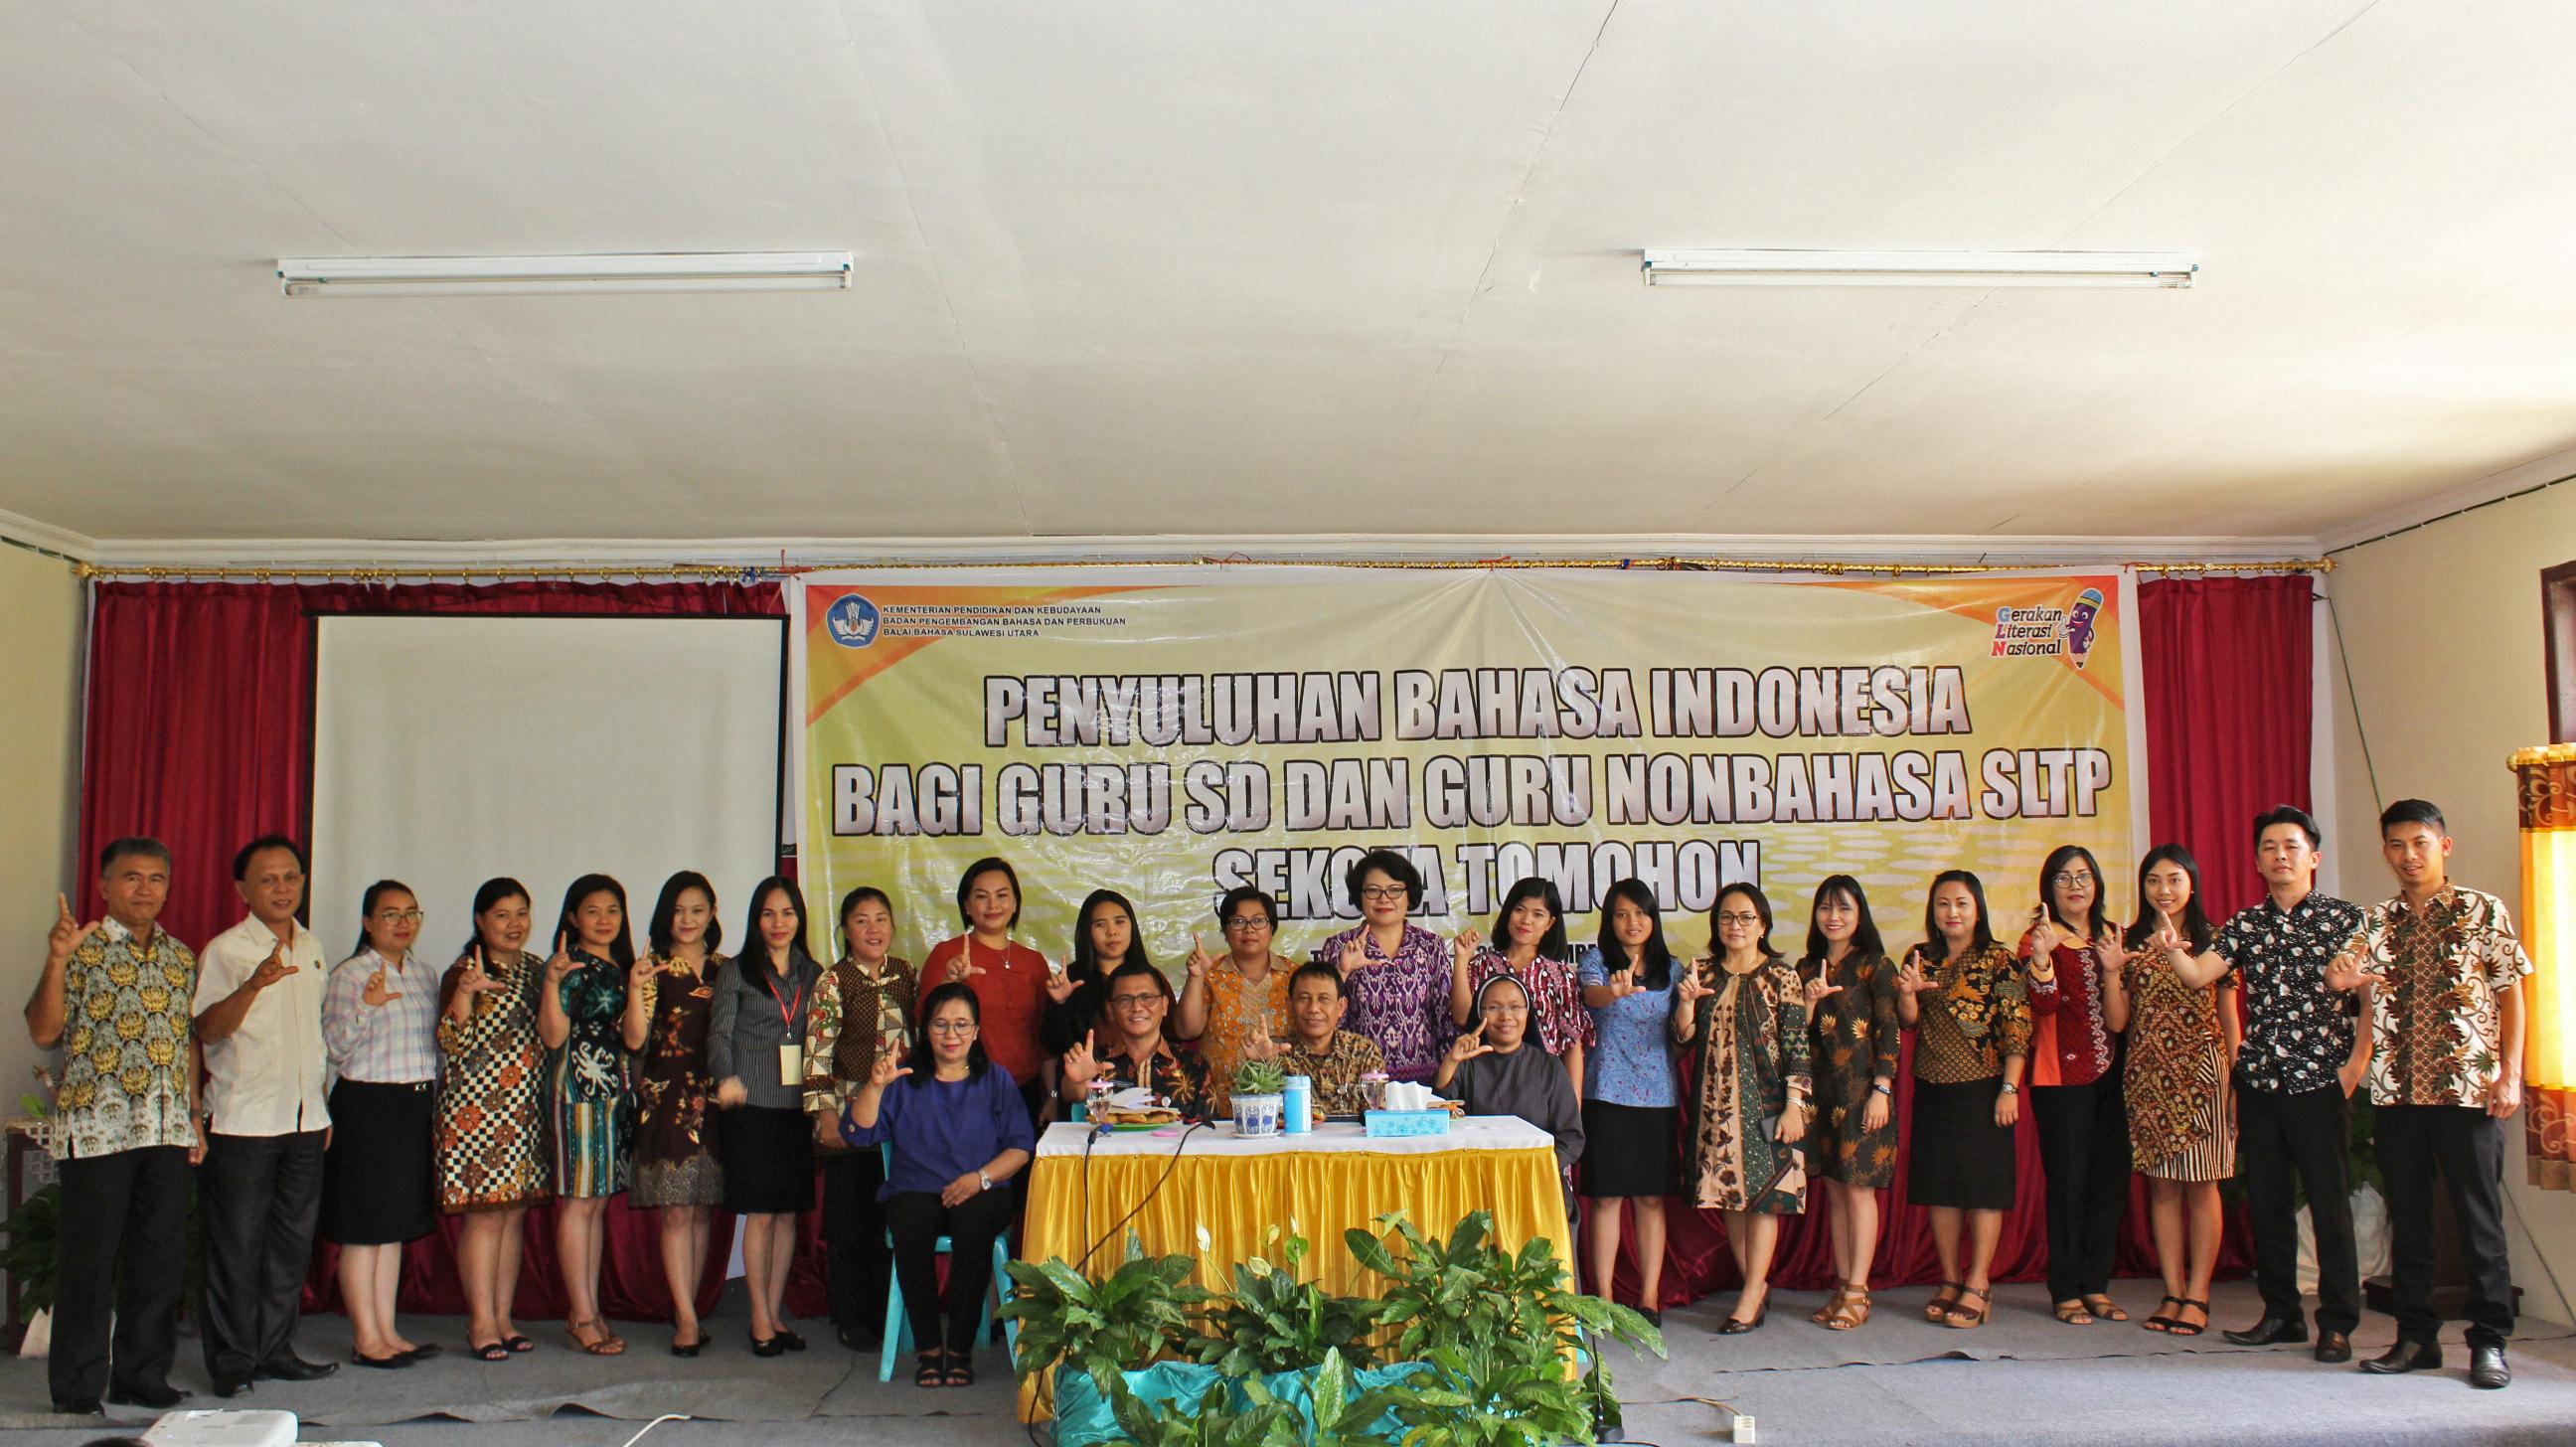 Penyuluhan Bahasa Indonesia Bagi Guru SD dan Guru SLTP Nonbahasa di Kota Tomohon Tahun 2019